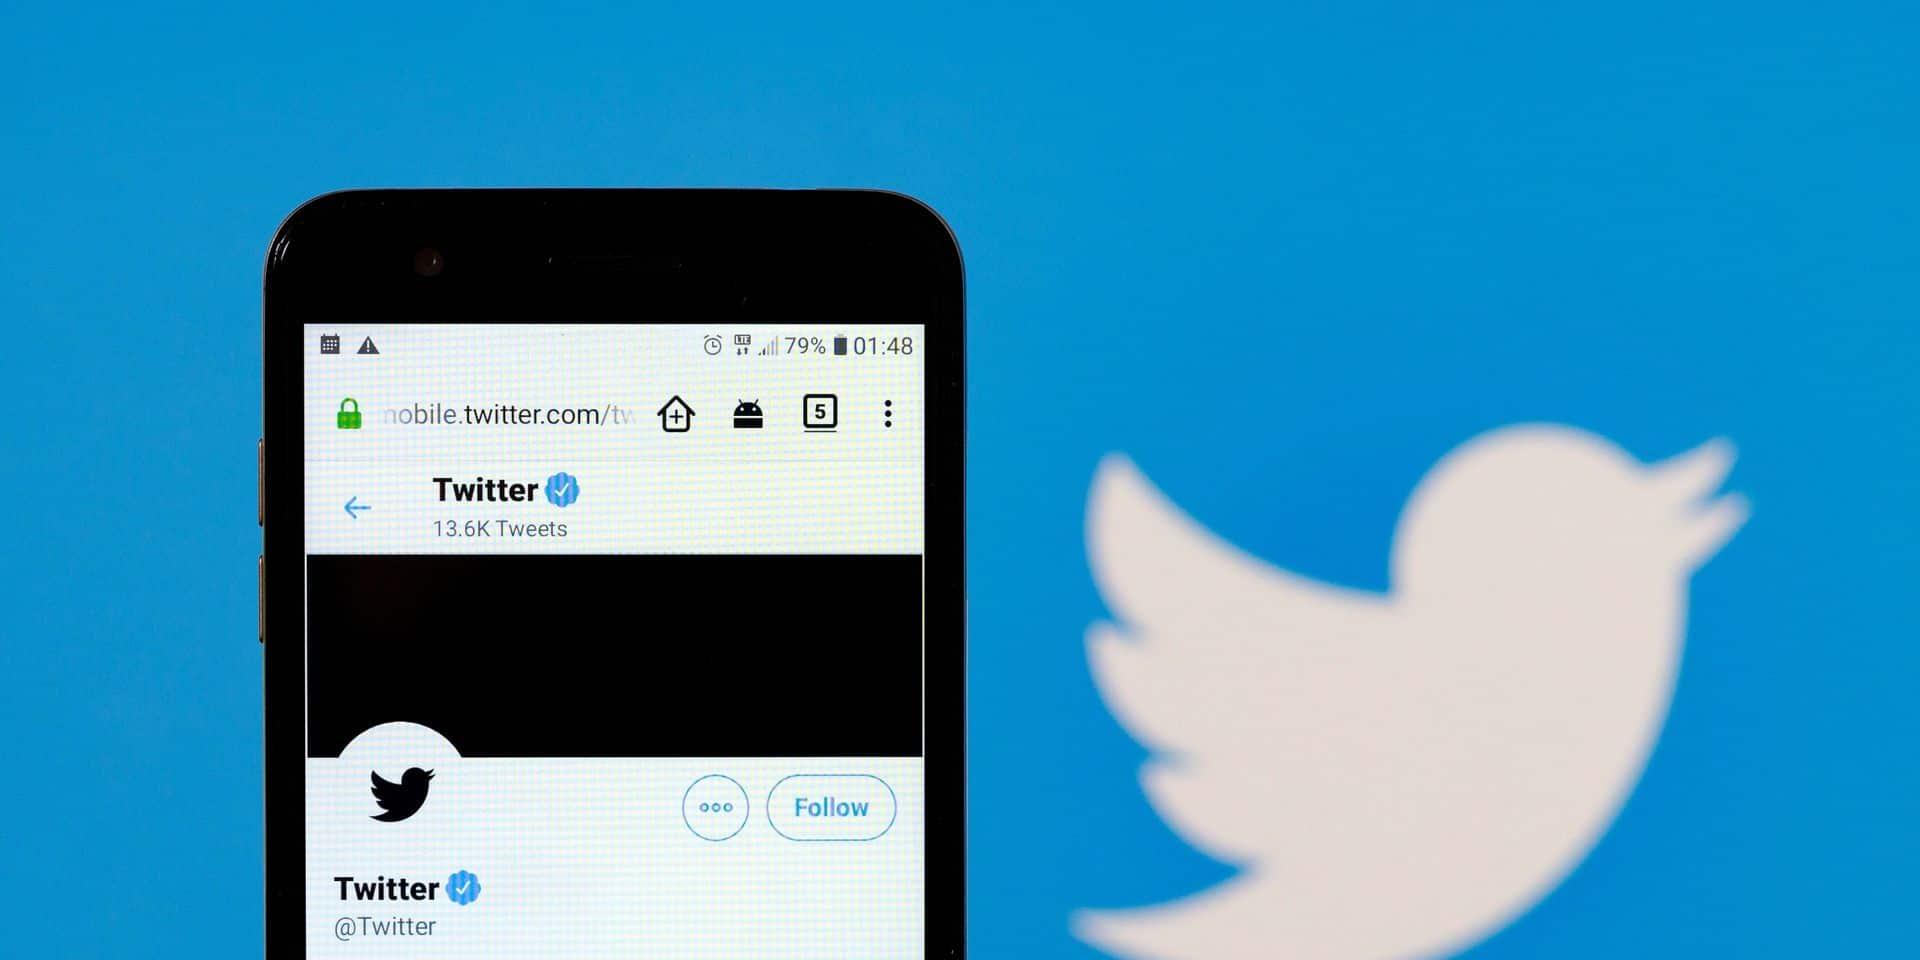 Manipulation, données sensibles: ce que l'on sait sur la spectaculaire attaque des comptes Twitter de célébrités